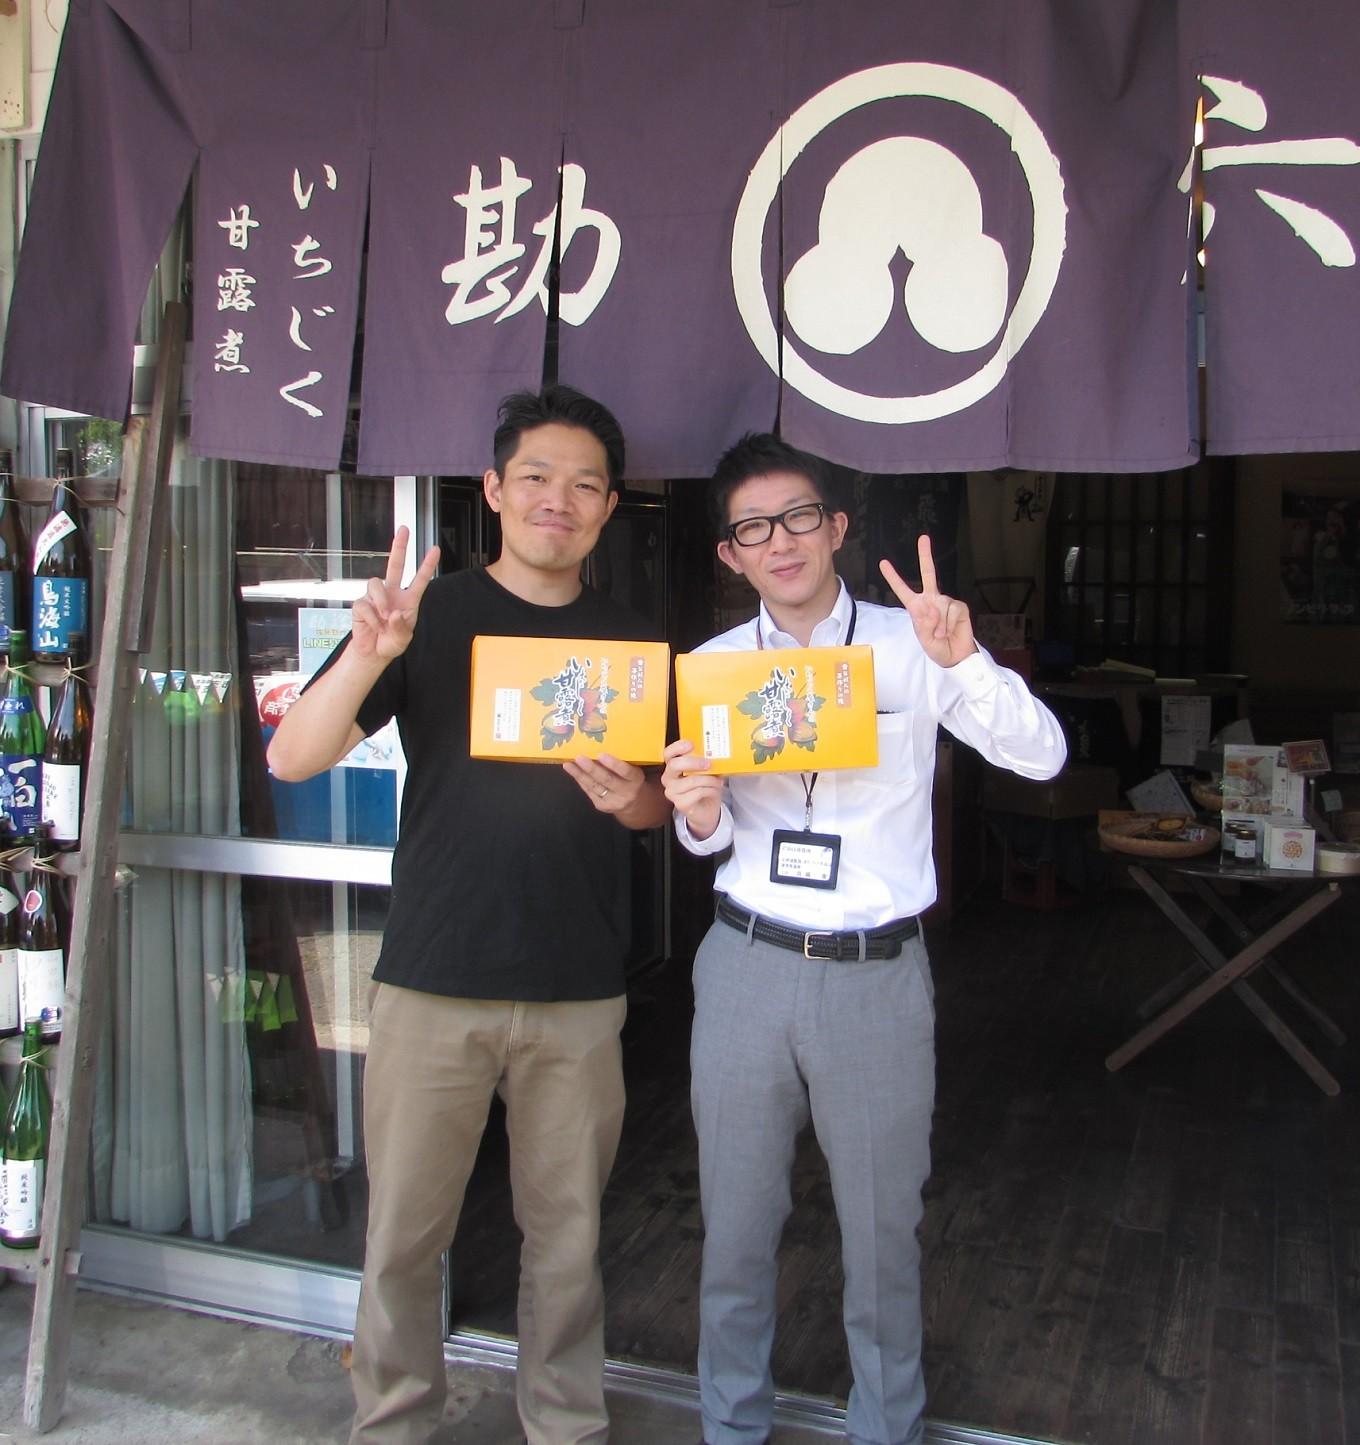 いちじく屋、勘六商店店主の佐藤玲さん(左)とふるさと納税担当(右)